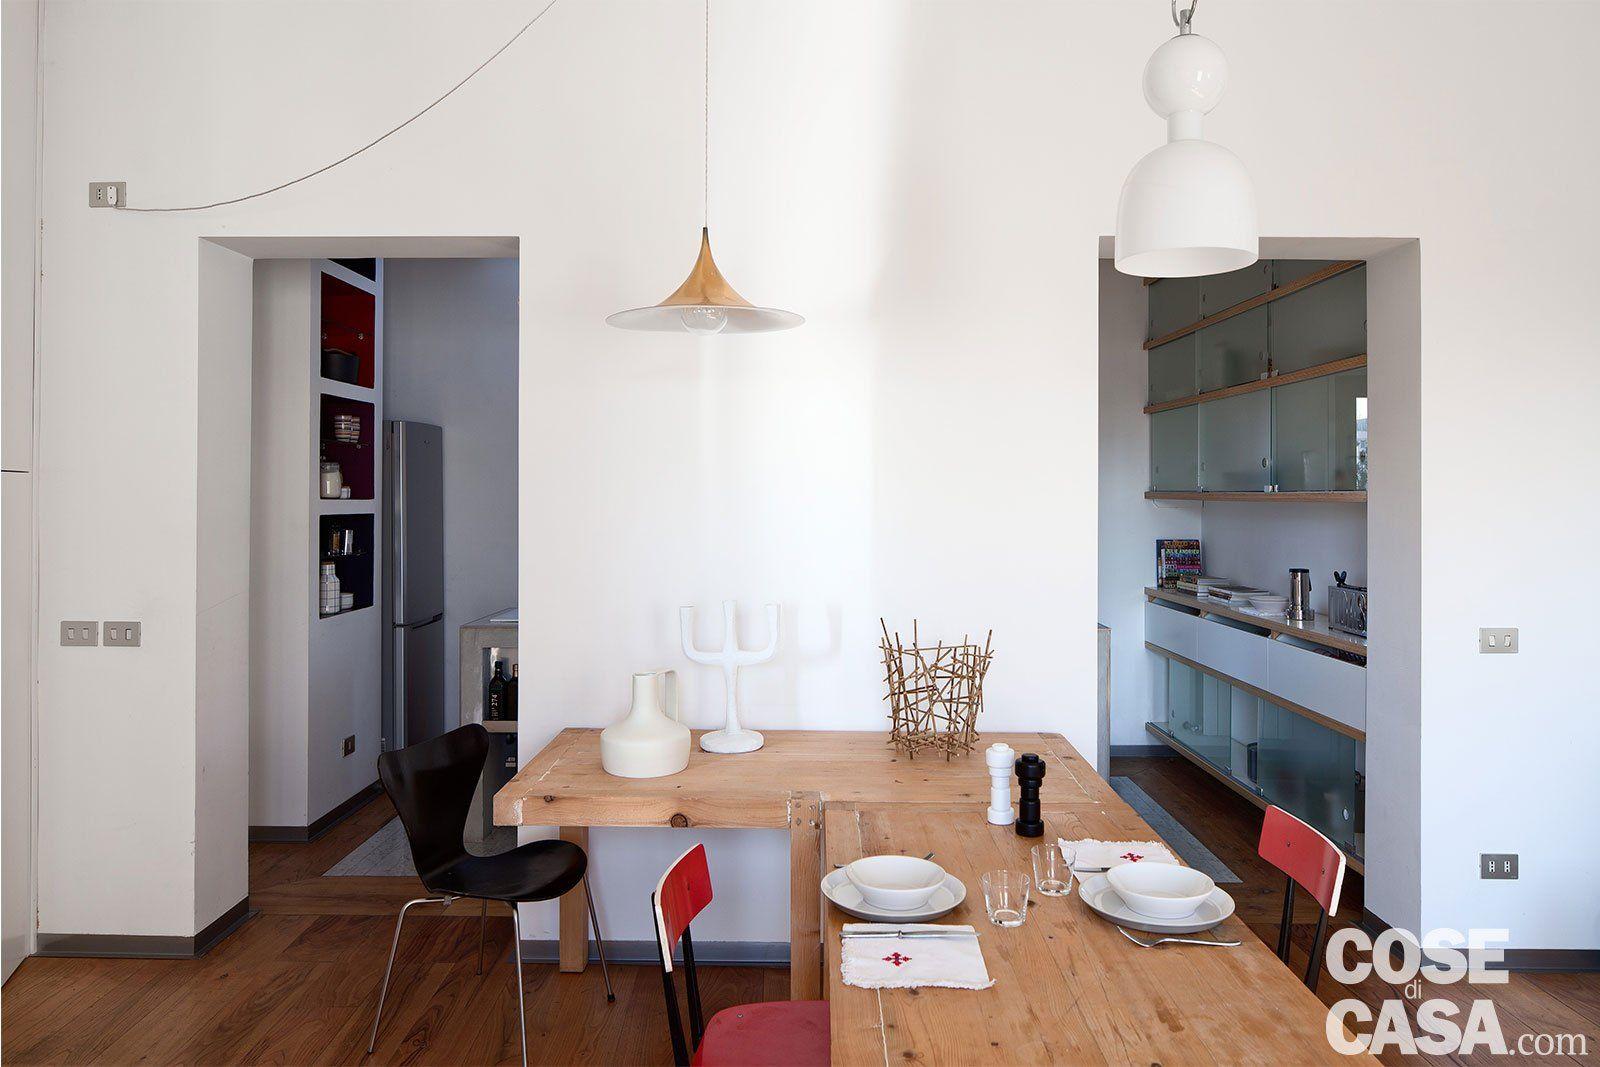 80 mq con pareti apribili che trasformano l'open space in ...